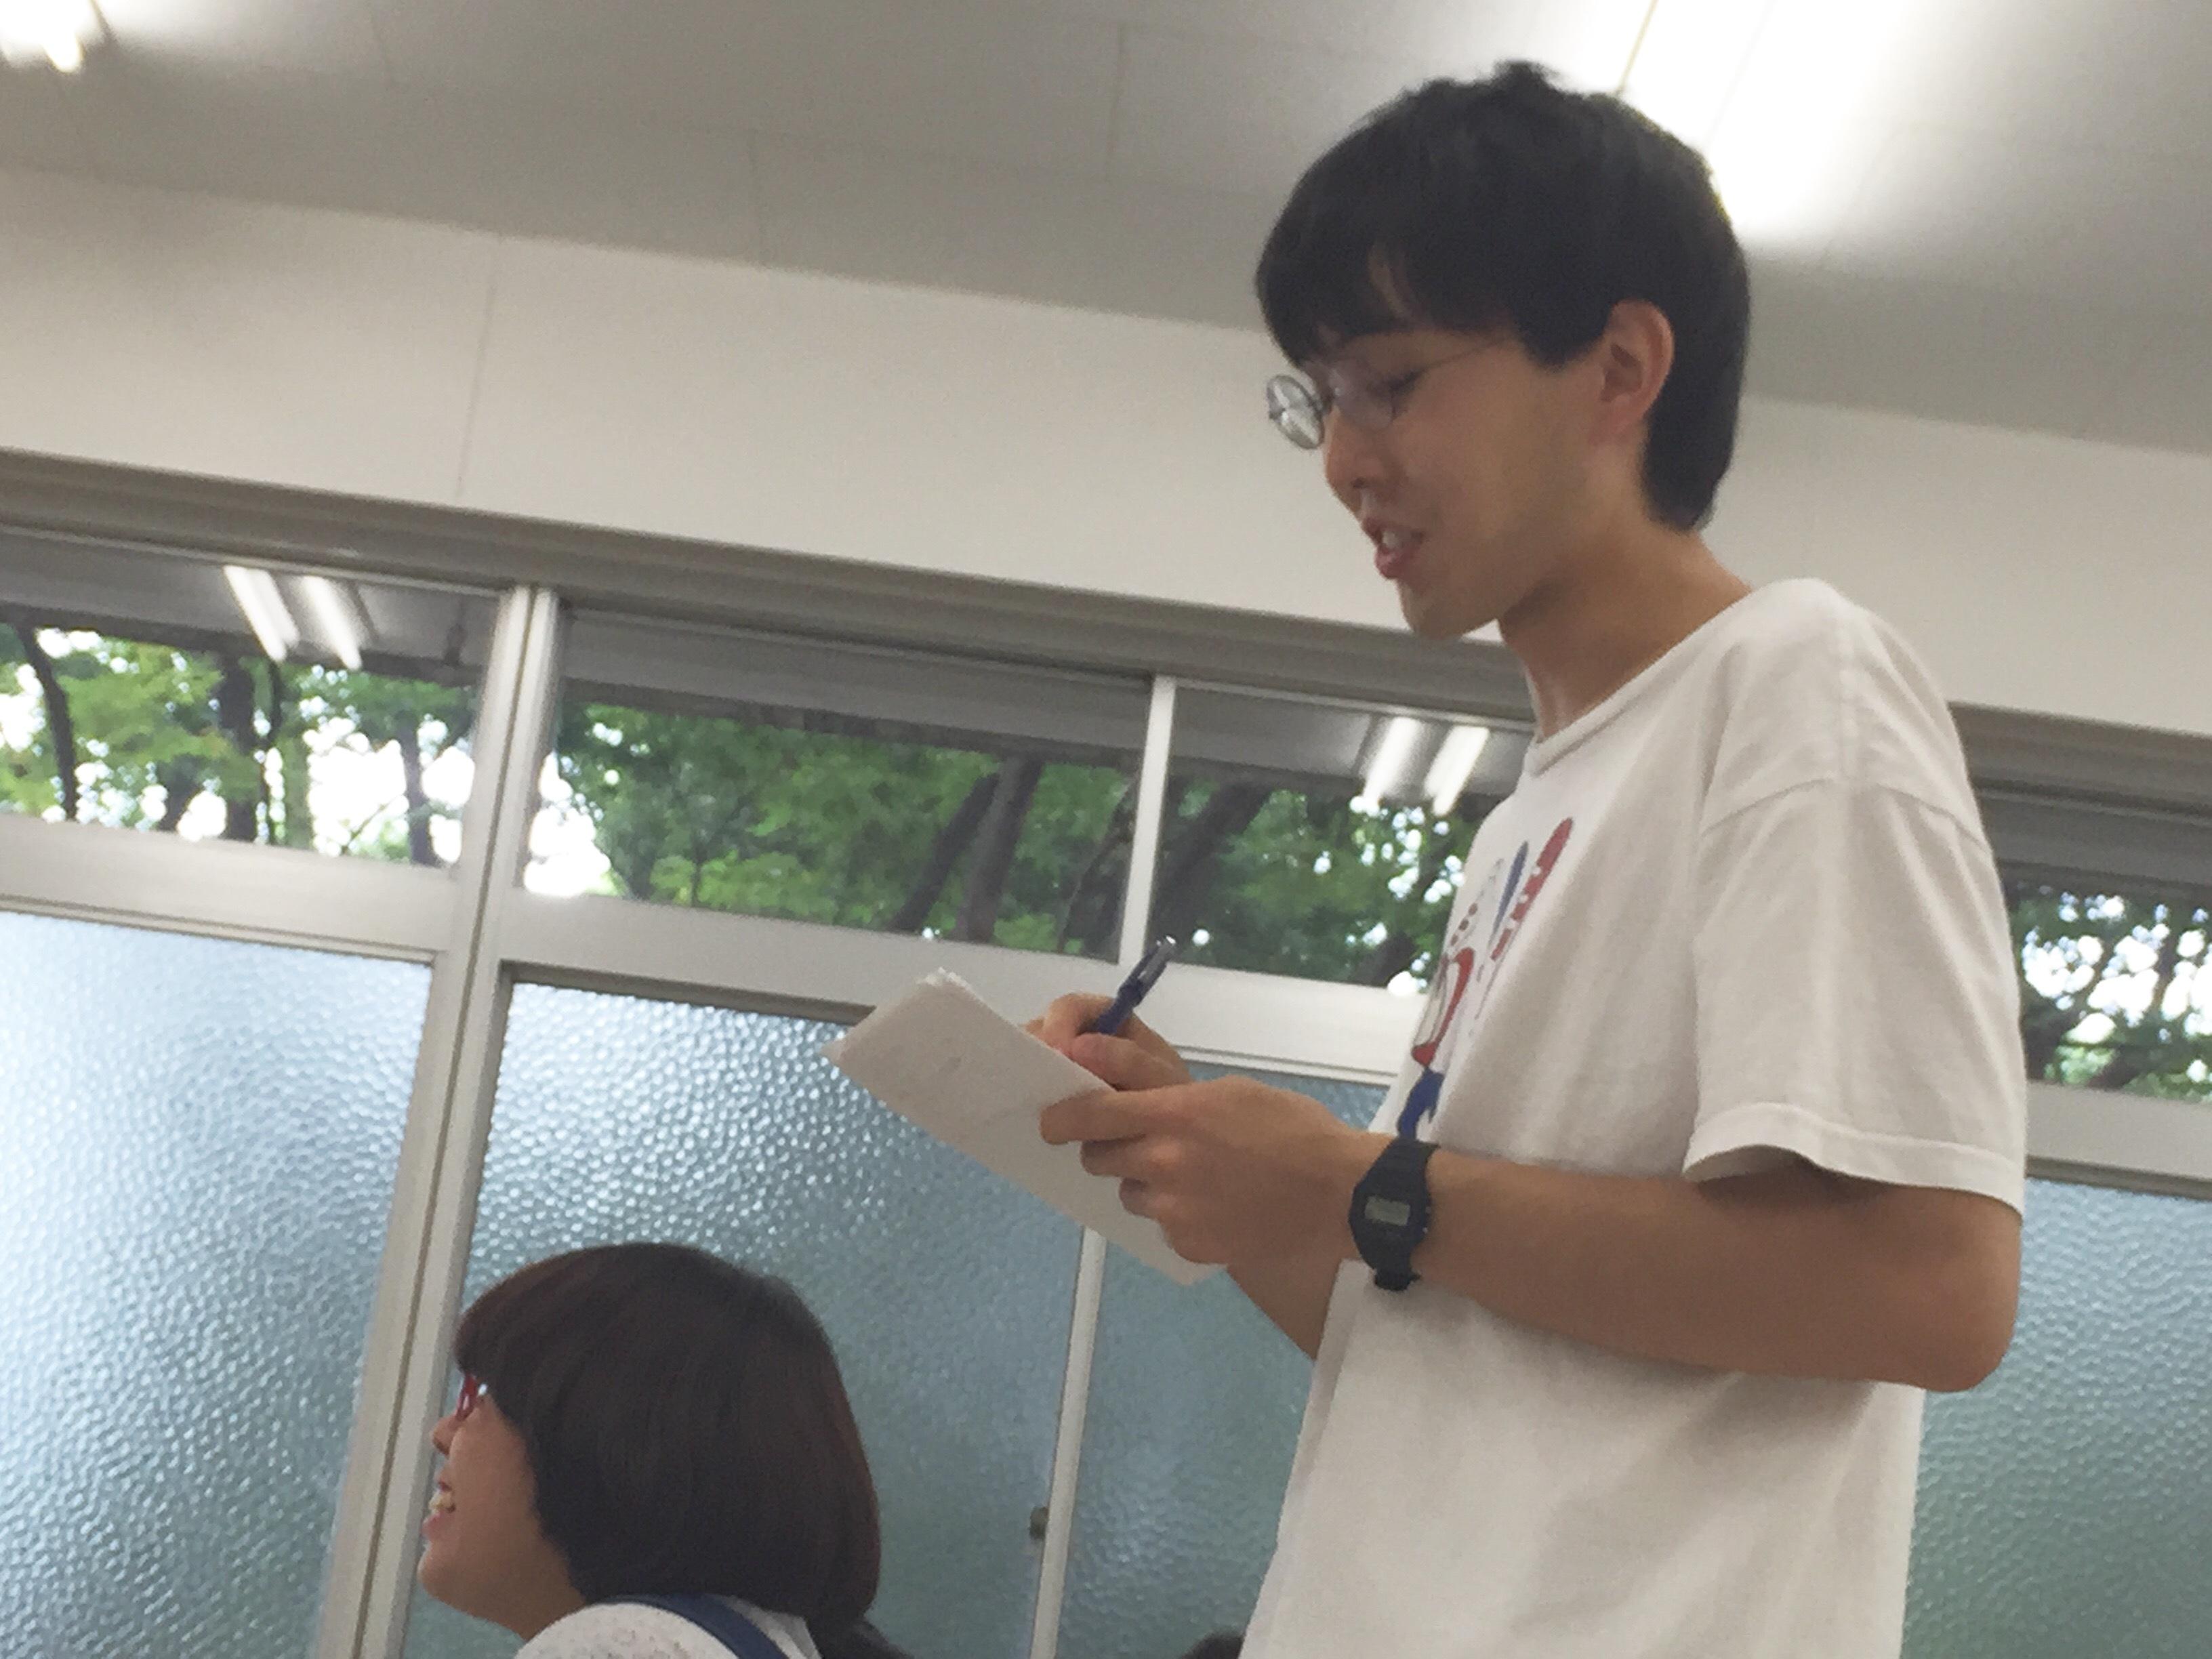 虫会主宰・作演出の伊藤拓